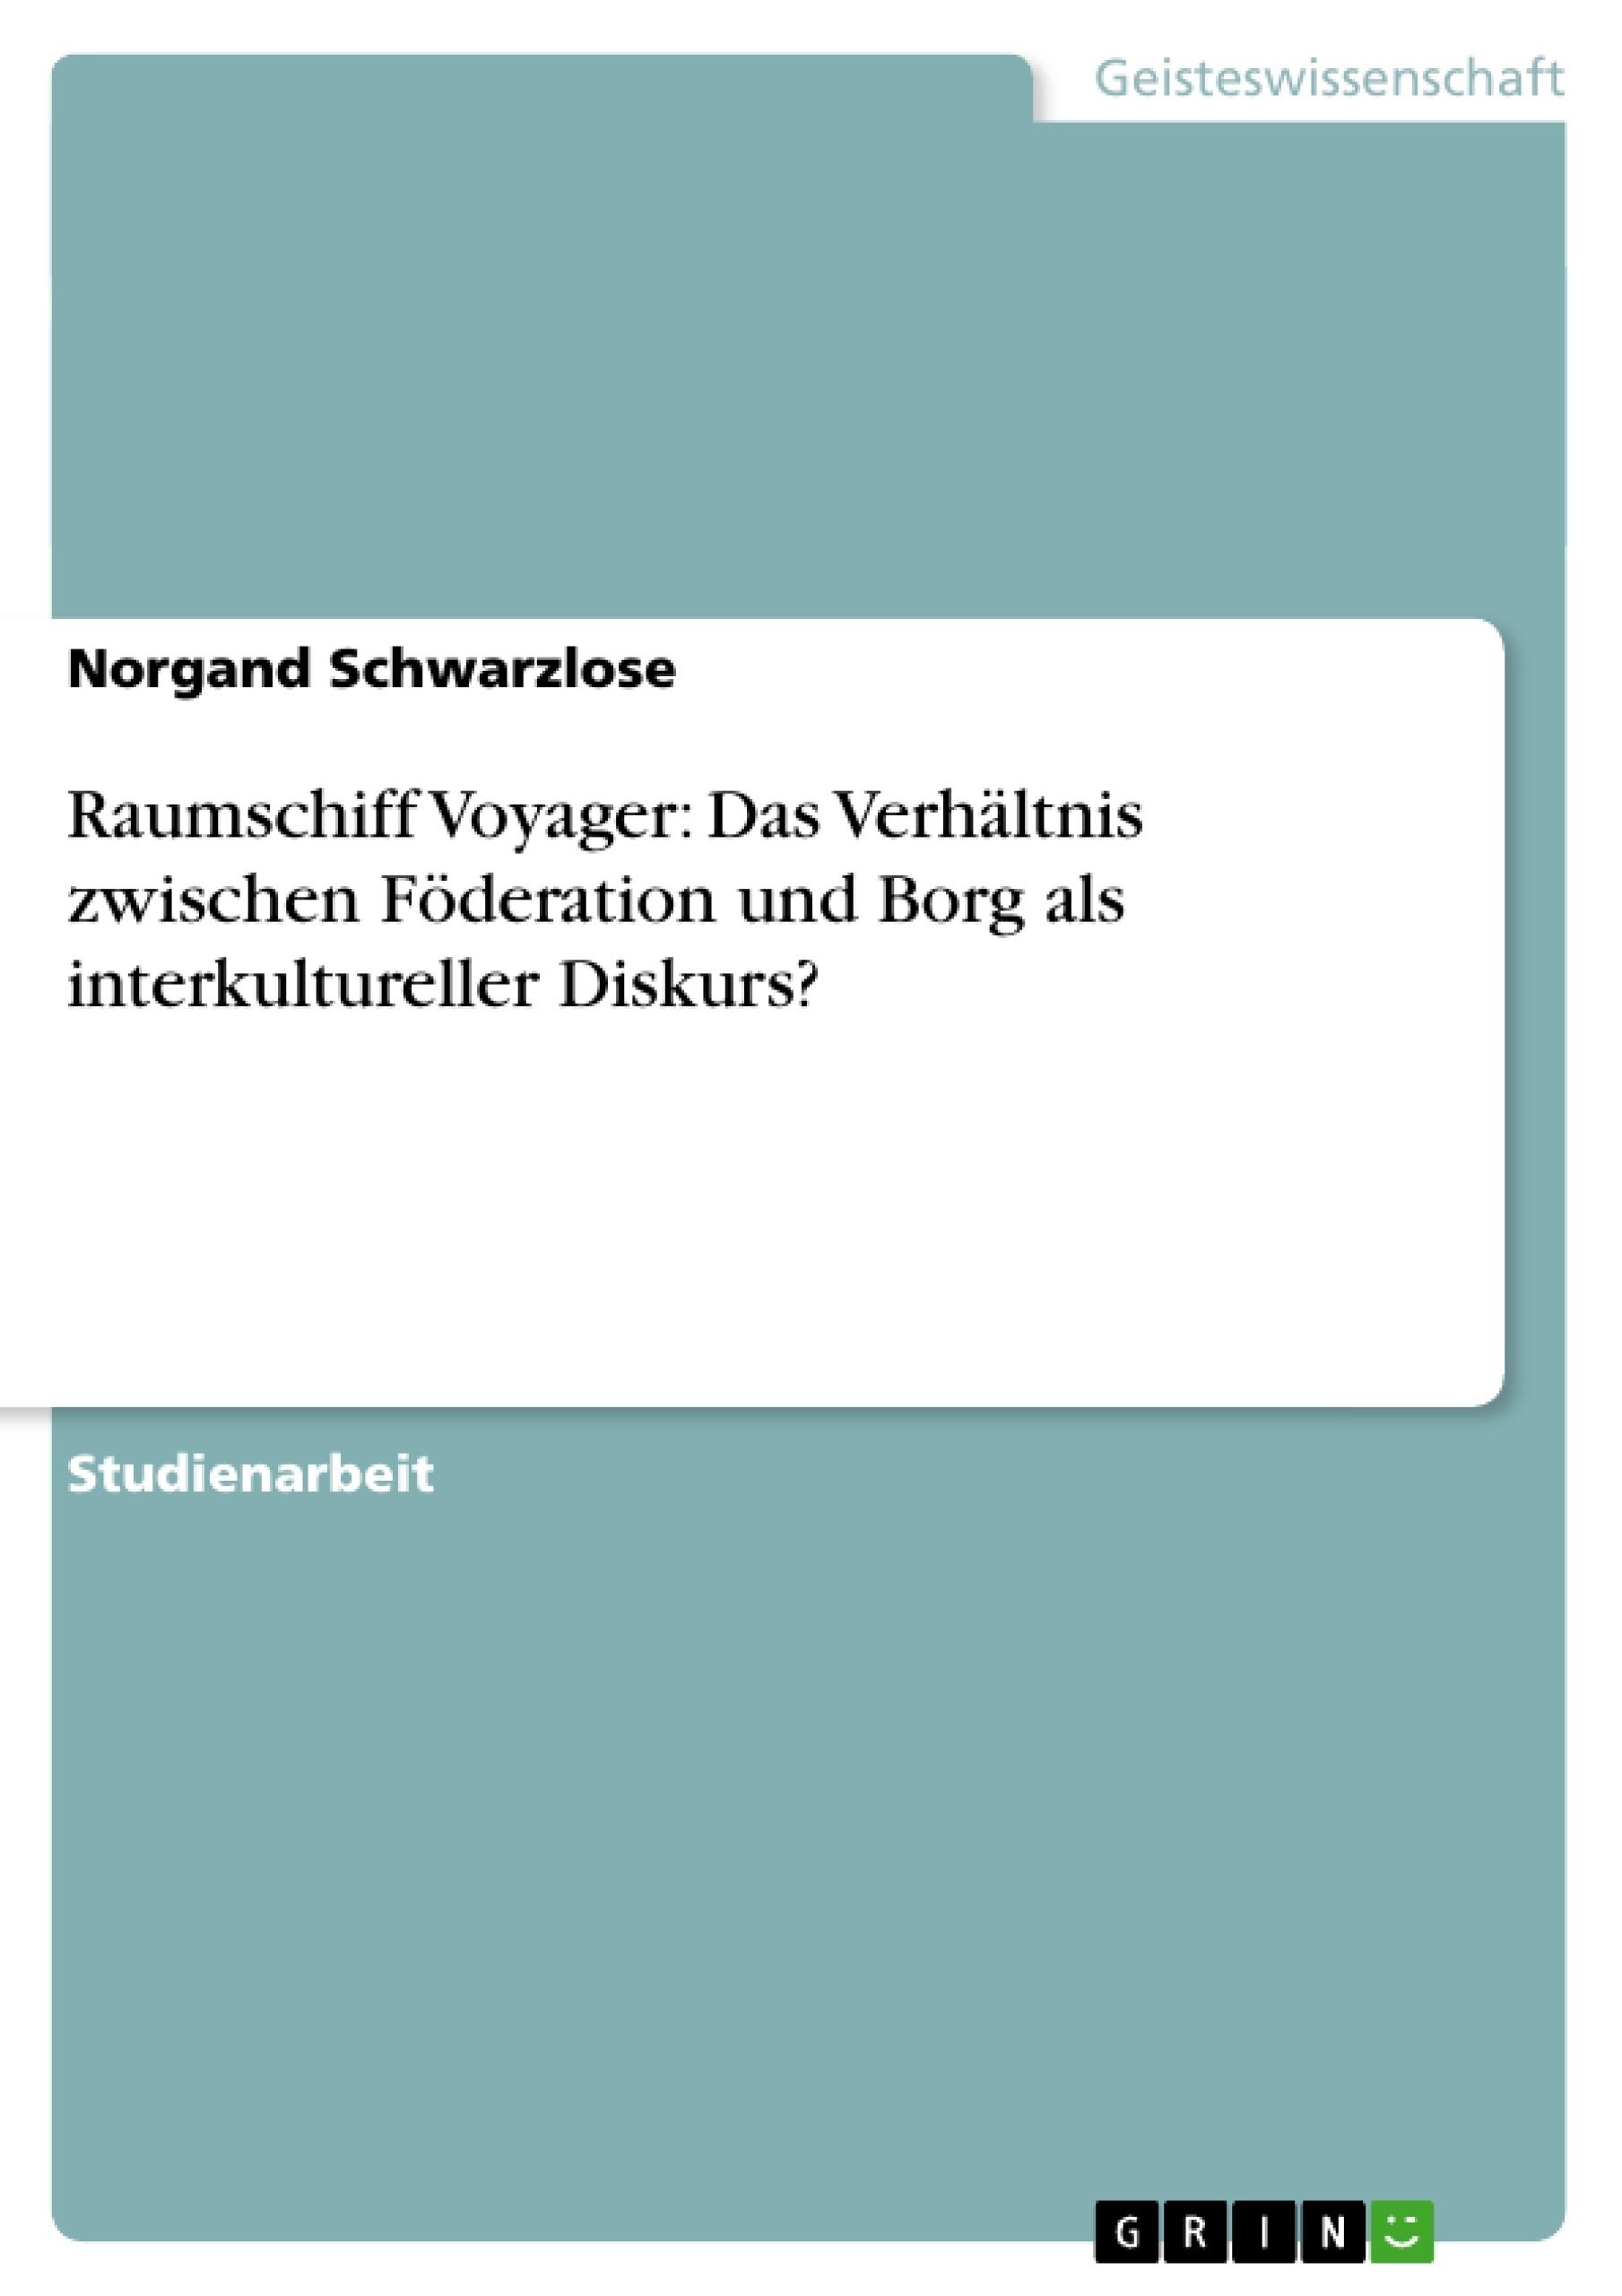 Titel: Raumschiff Voyager: Das Verhältnis zwischen Föderation und Borg als interkultureller Diskurs?